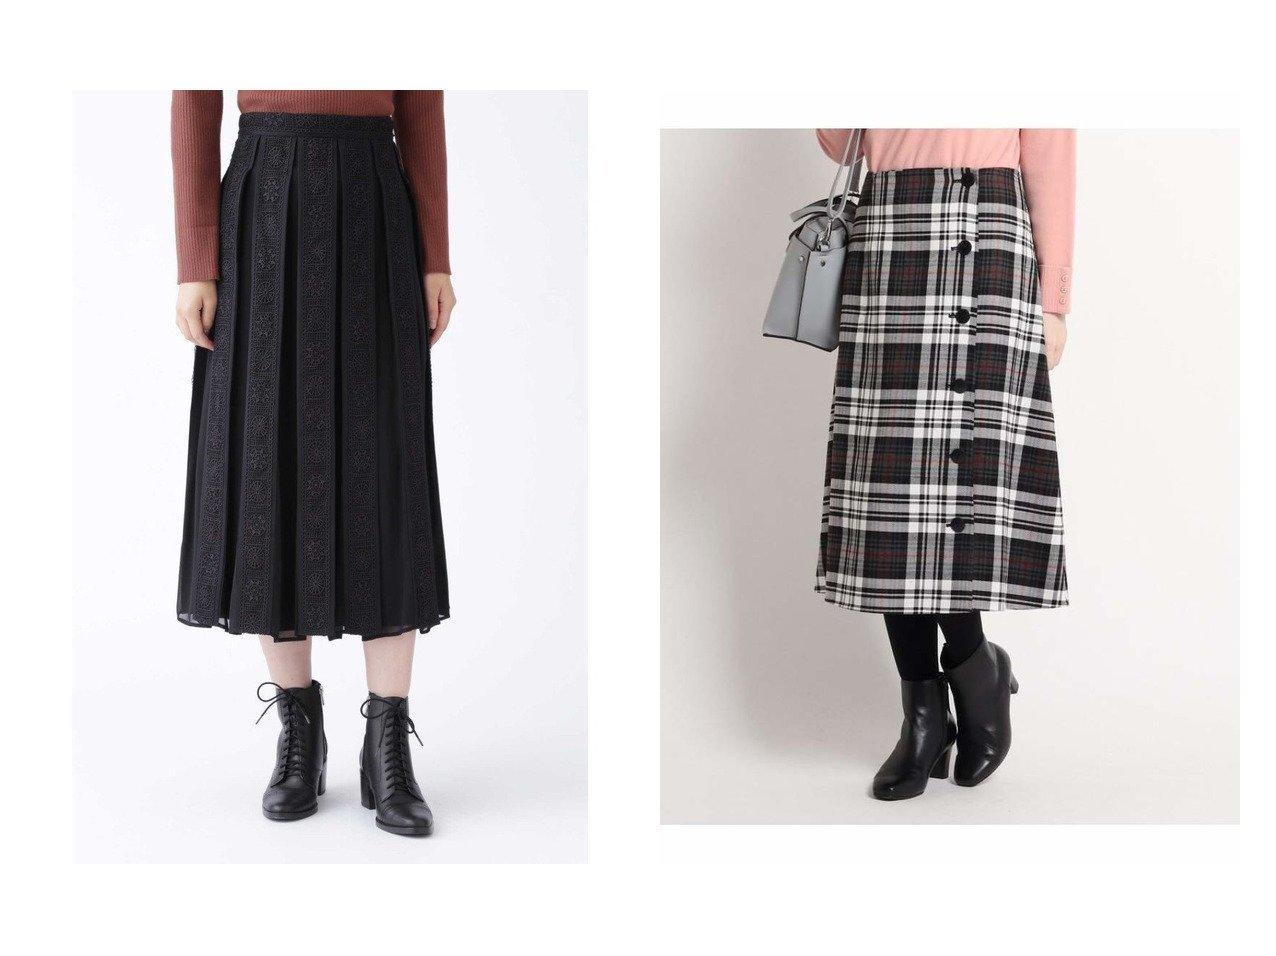 【Reflect/リフレクト】の【リバーシブル】チェック柄ラップスカート&【JILLSTUART/ジルスチュアート】の《Endy ROBE》グレーススカート スカートのおすすめ!人気、トレンド・レディースファッションの通販  おすすめで人気の流行・トレンド、ファッションの通販商品 メンズファッション・キッズファッション・インテリア・家具・レディースファッション・服の通販 founy(ファニー) https://founy.com/ ファッション Fashion レディースファッション WOMEN スカート Skirt ケミカル シフォン フレア モチーフ レース チェック ペチコート ラップ リバーシブル 無地 |ID:crp329100000009697